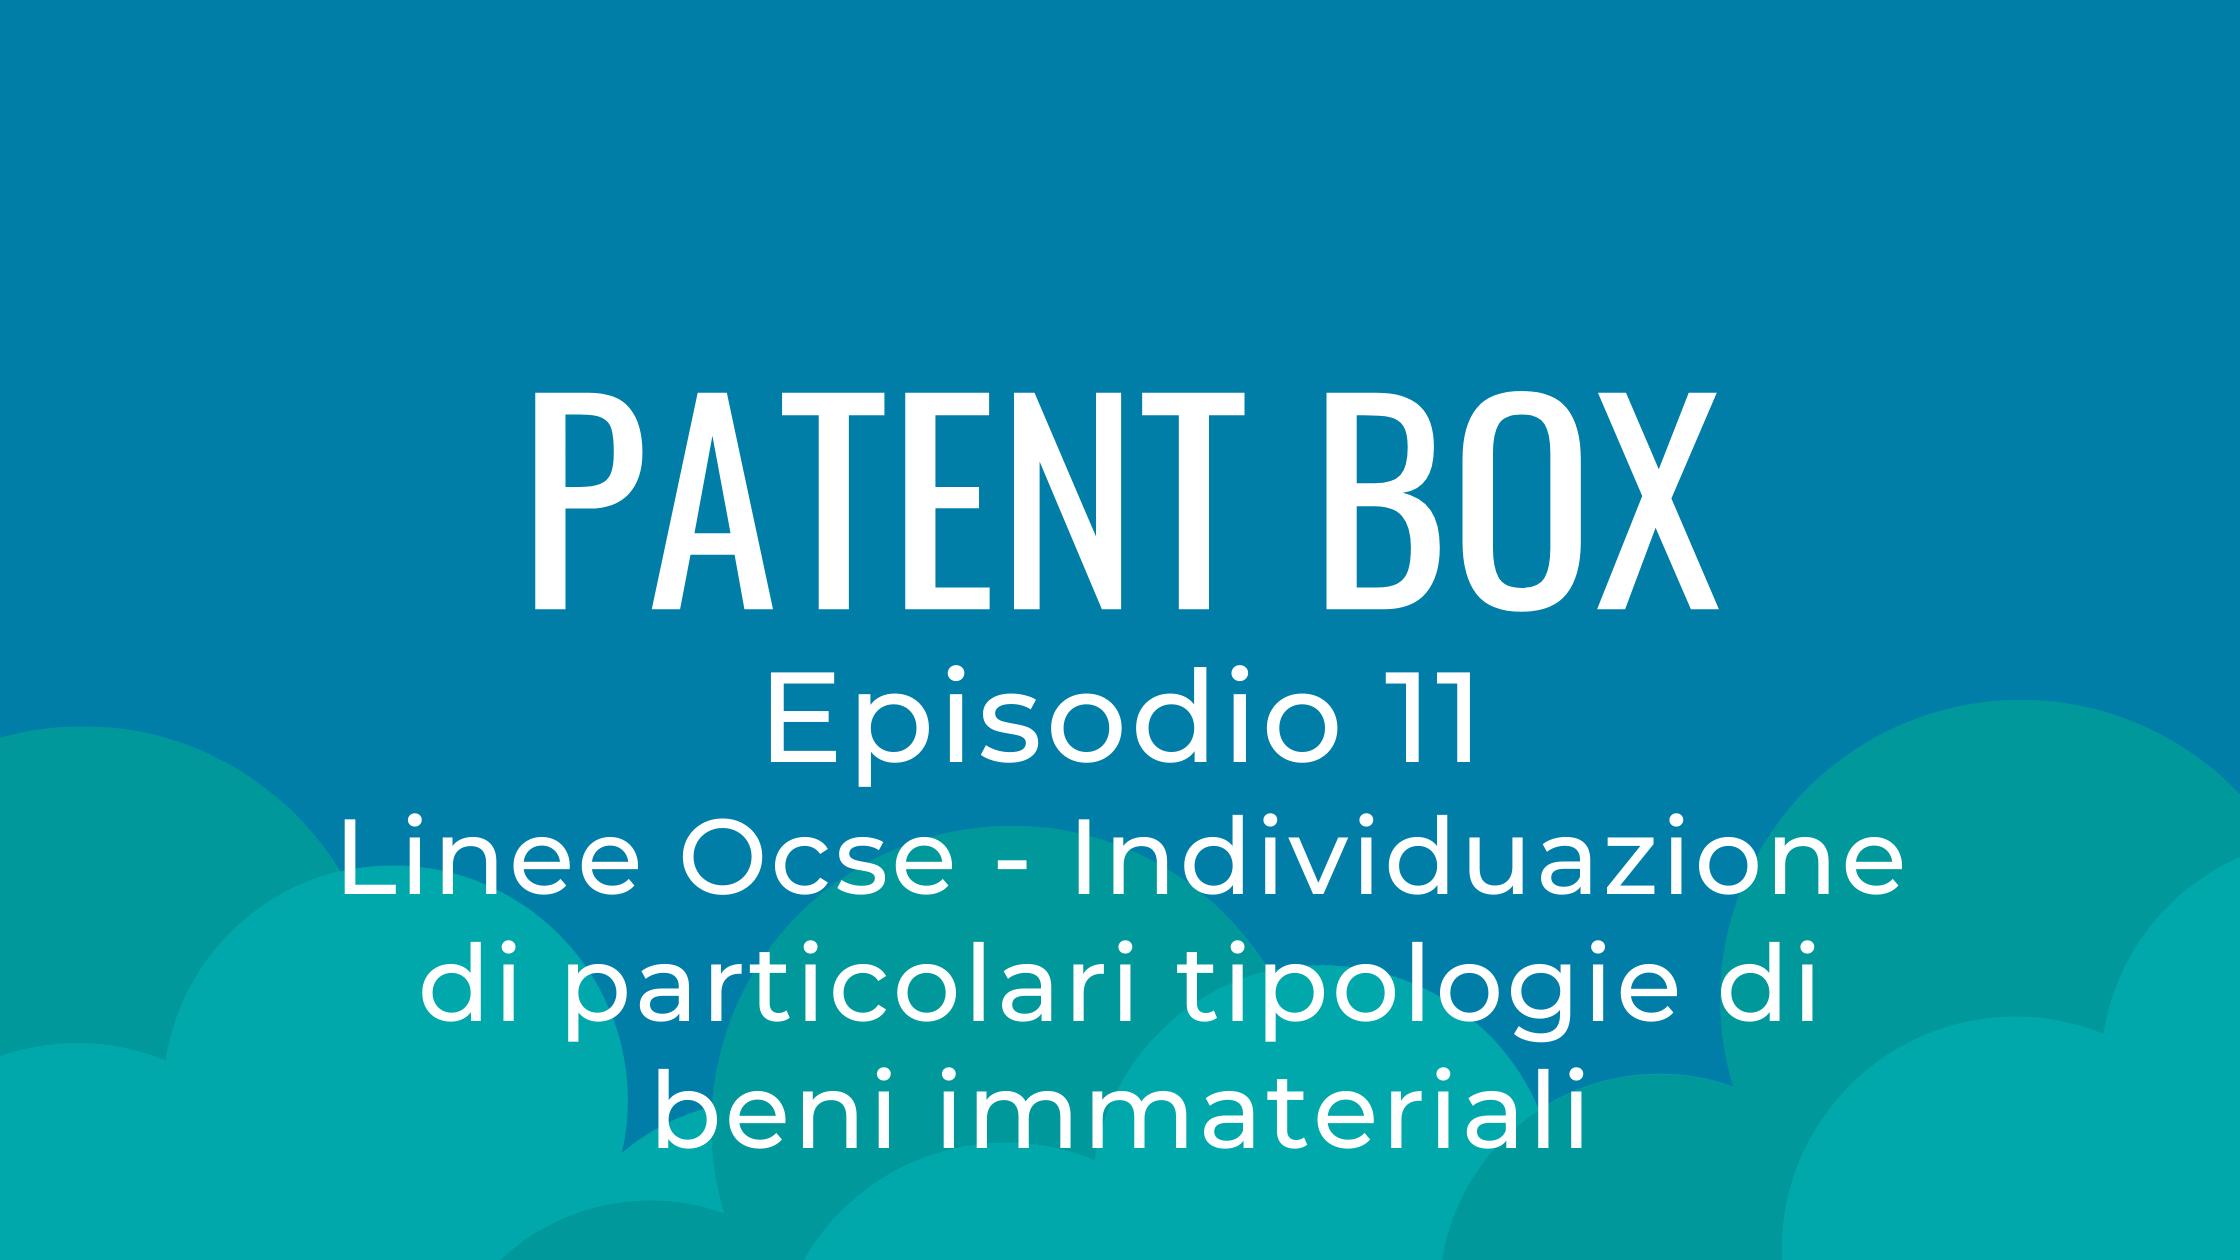 linea ocse patent box